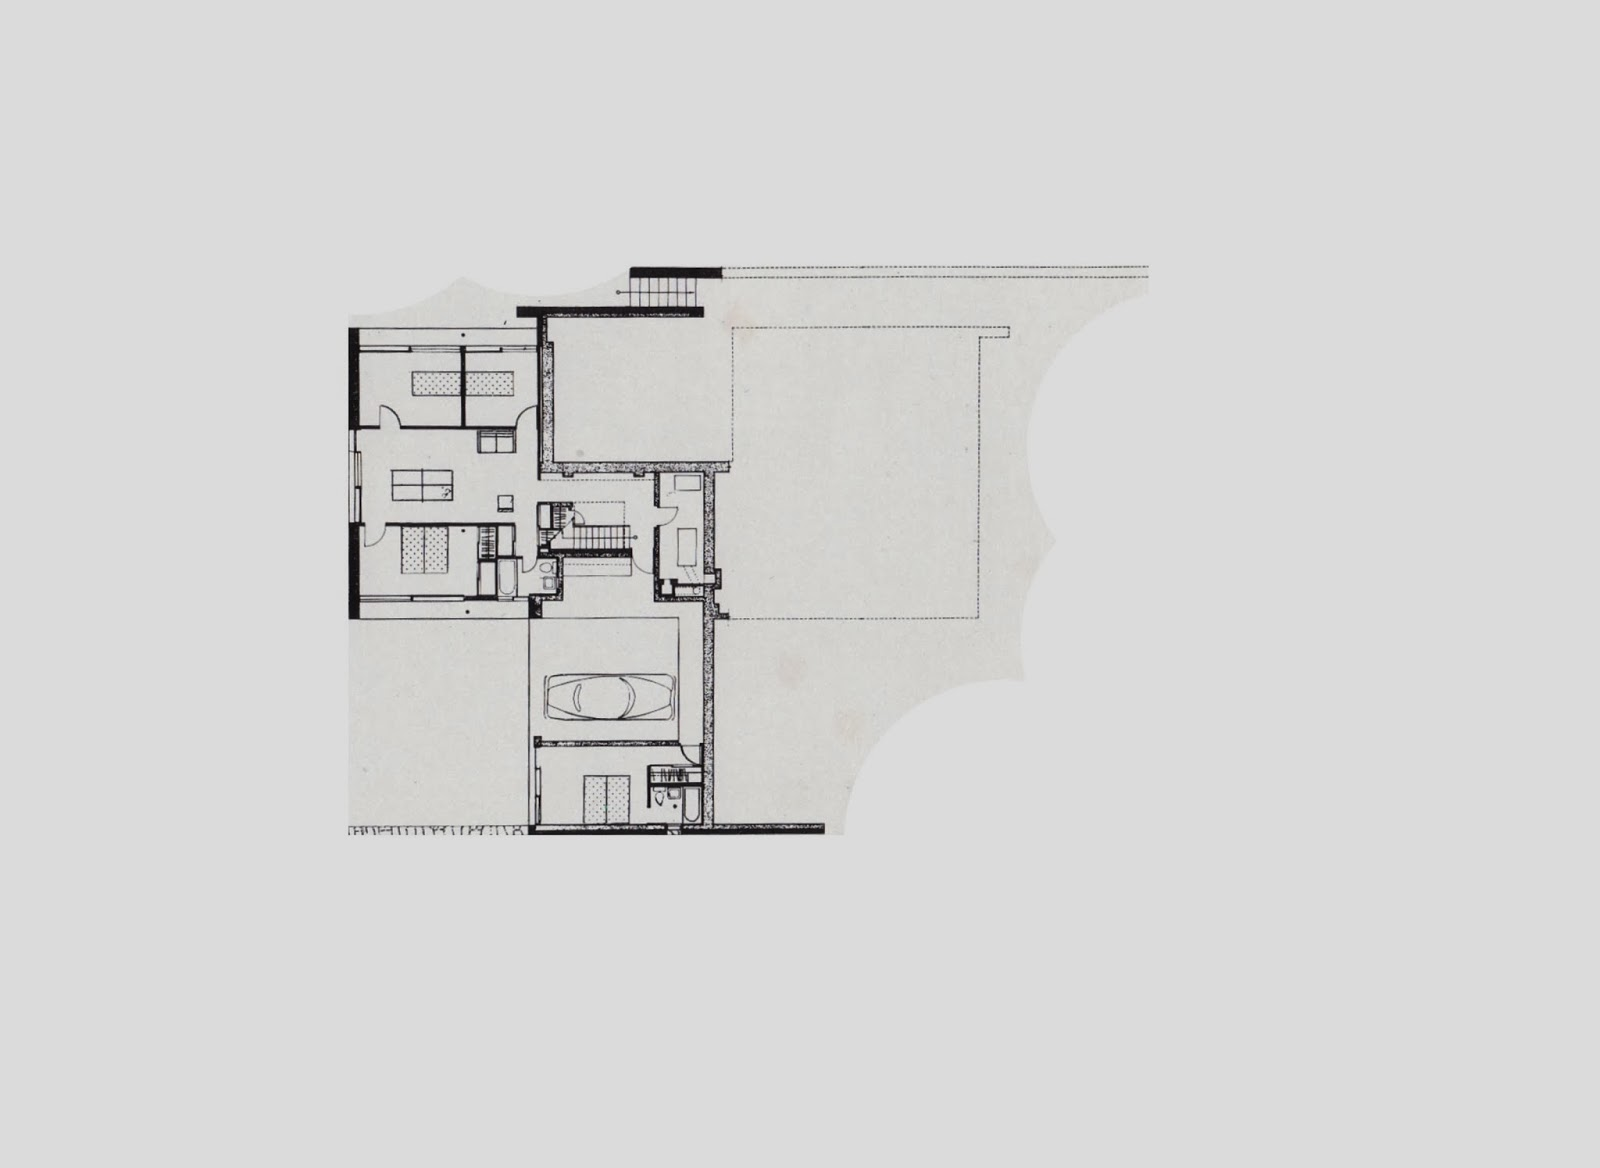 Historia de la arquitectura moderna casa clark marcel for Arquitectura moderna planos